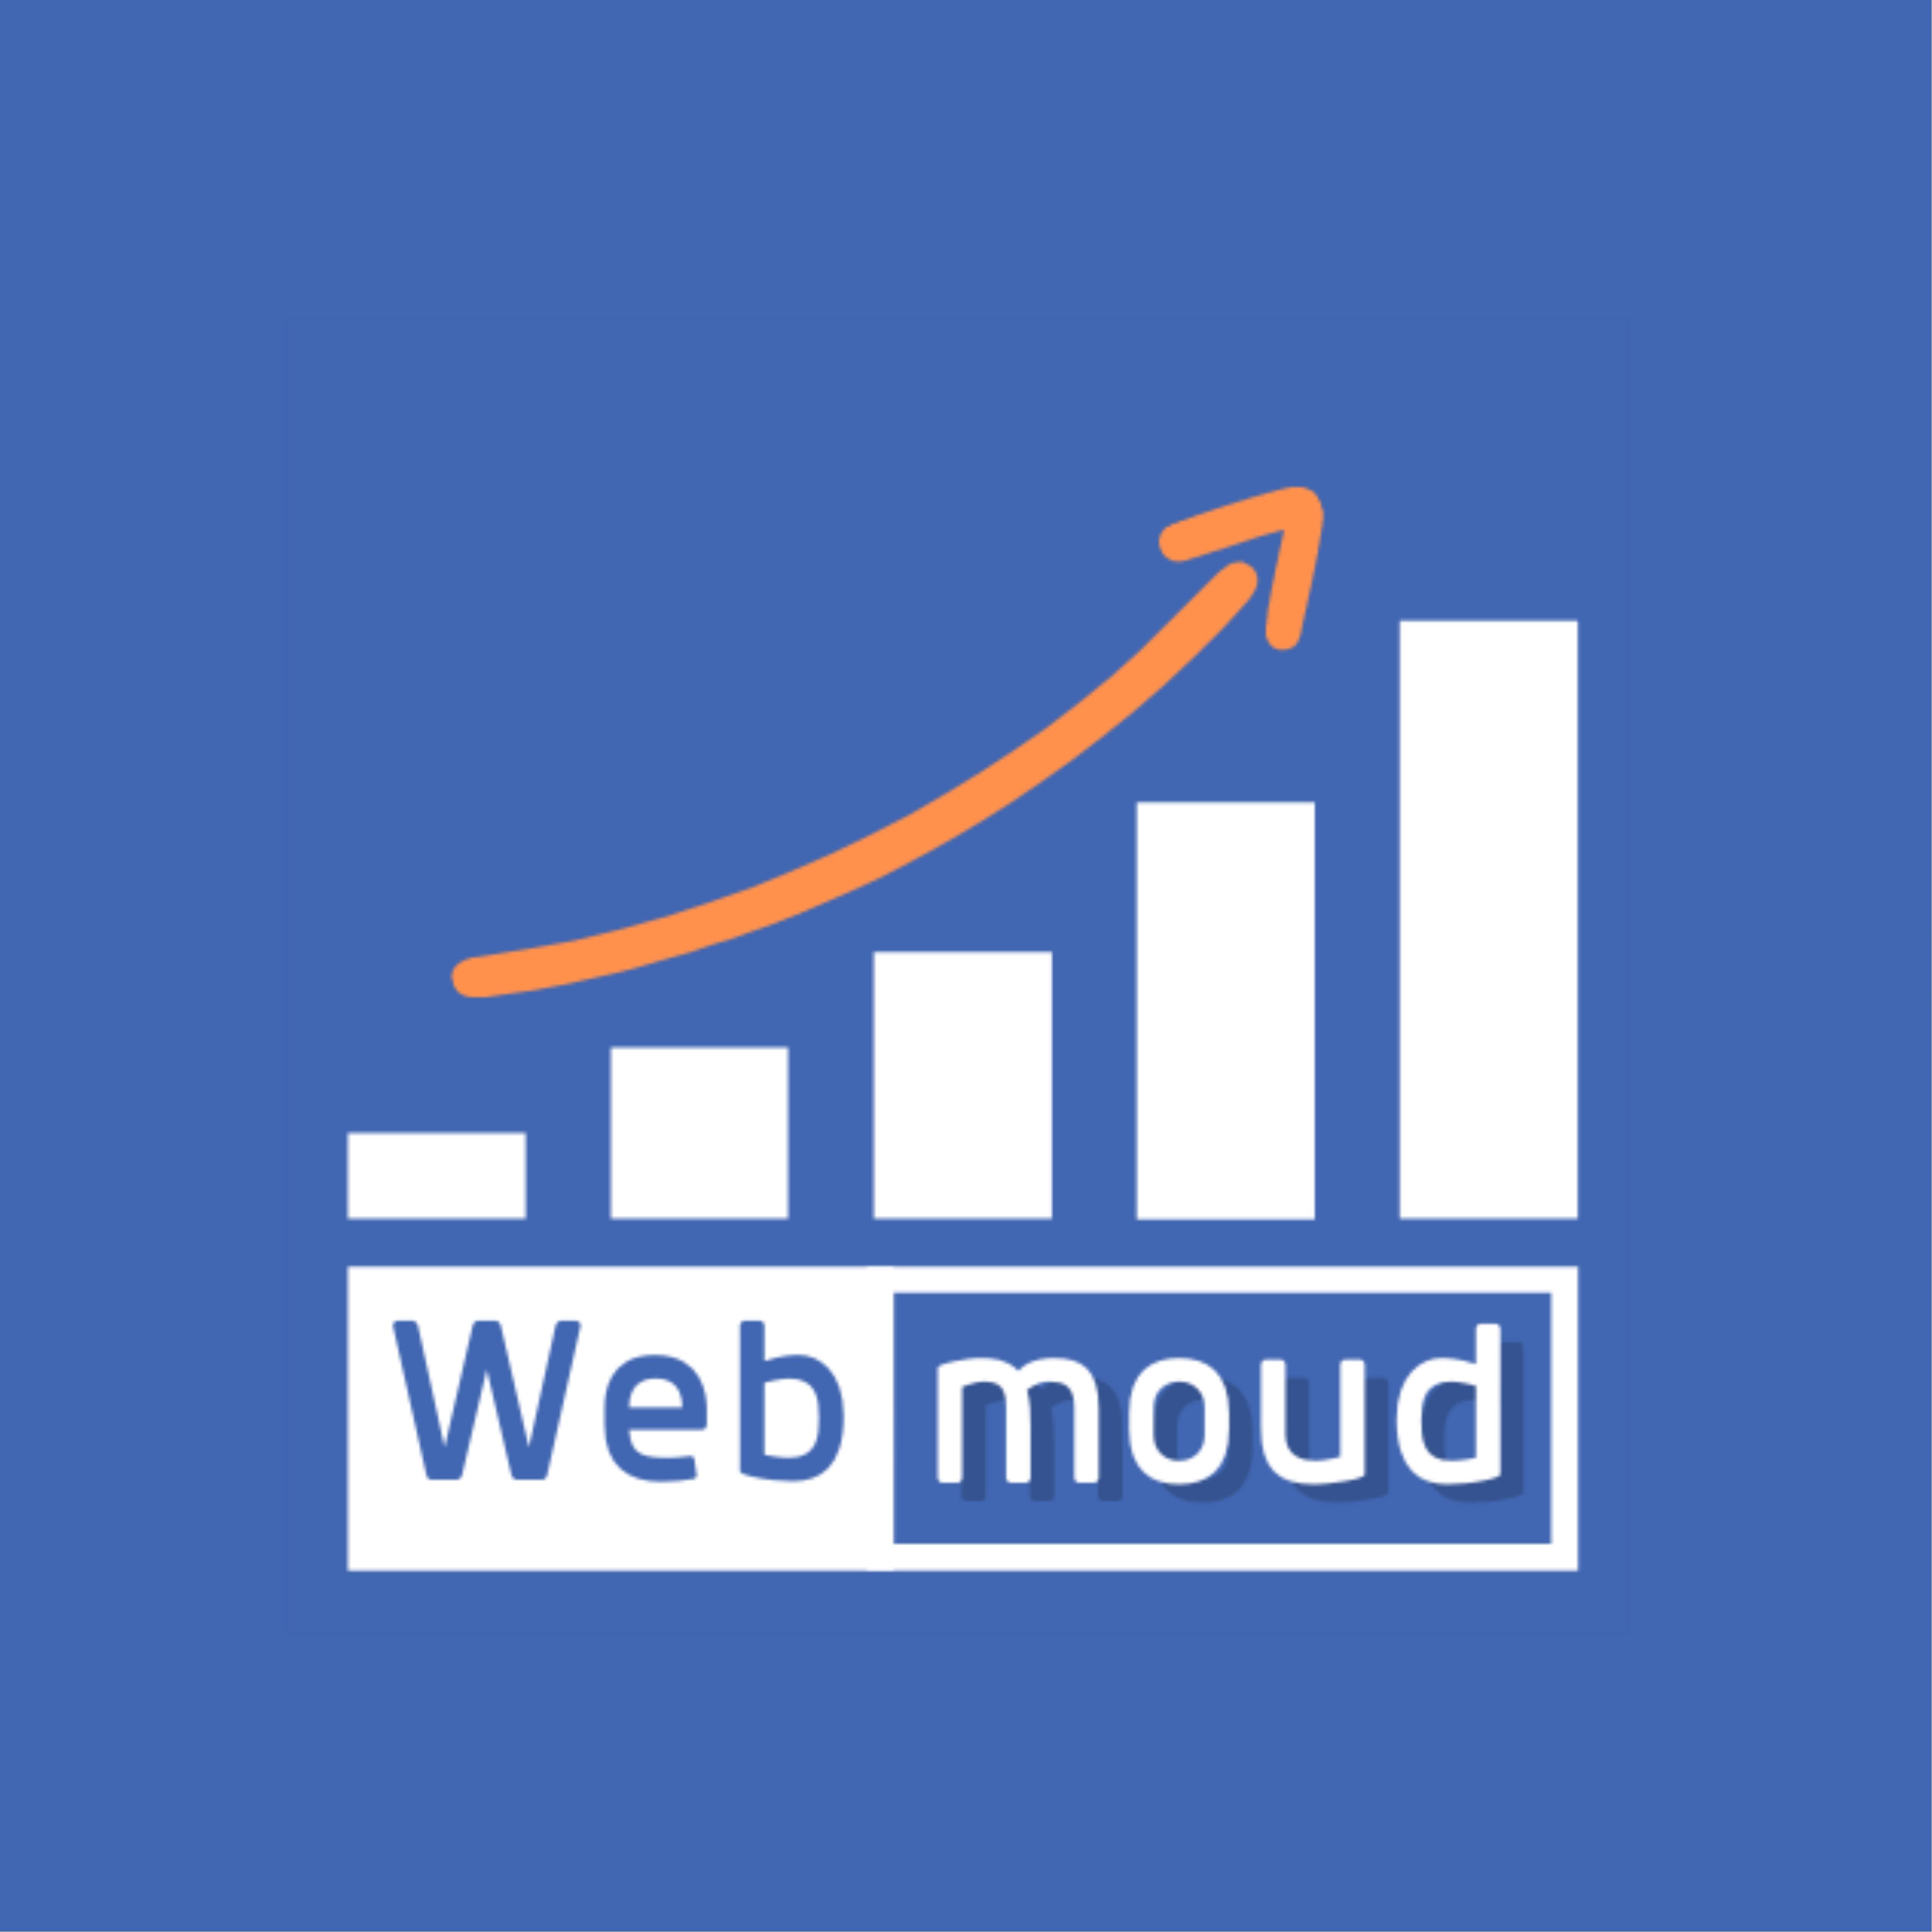 شركة ويب مود لـ تصميم مواقع الكترونية